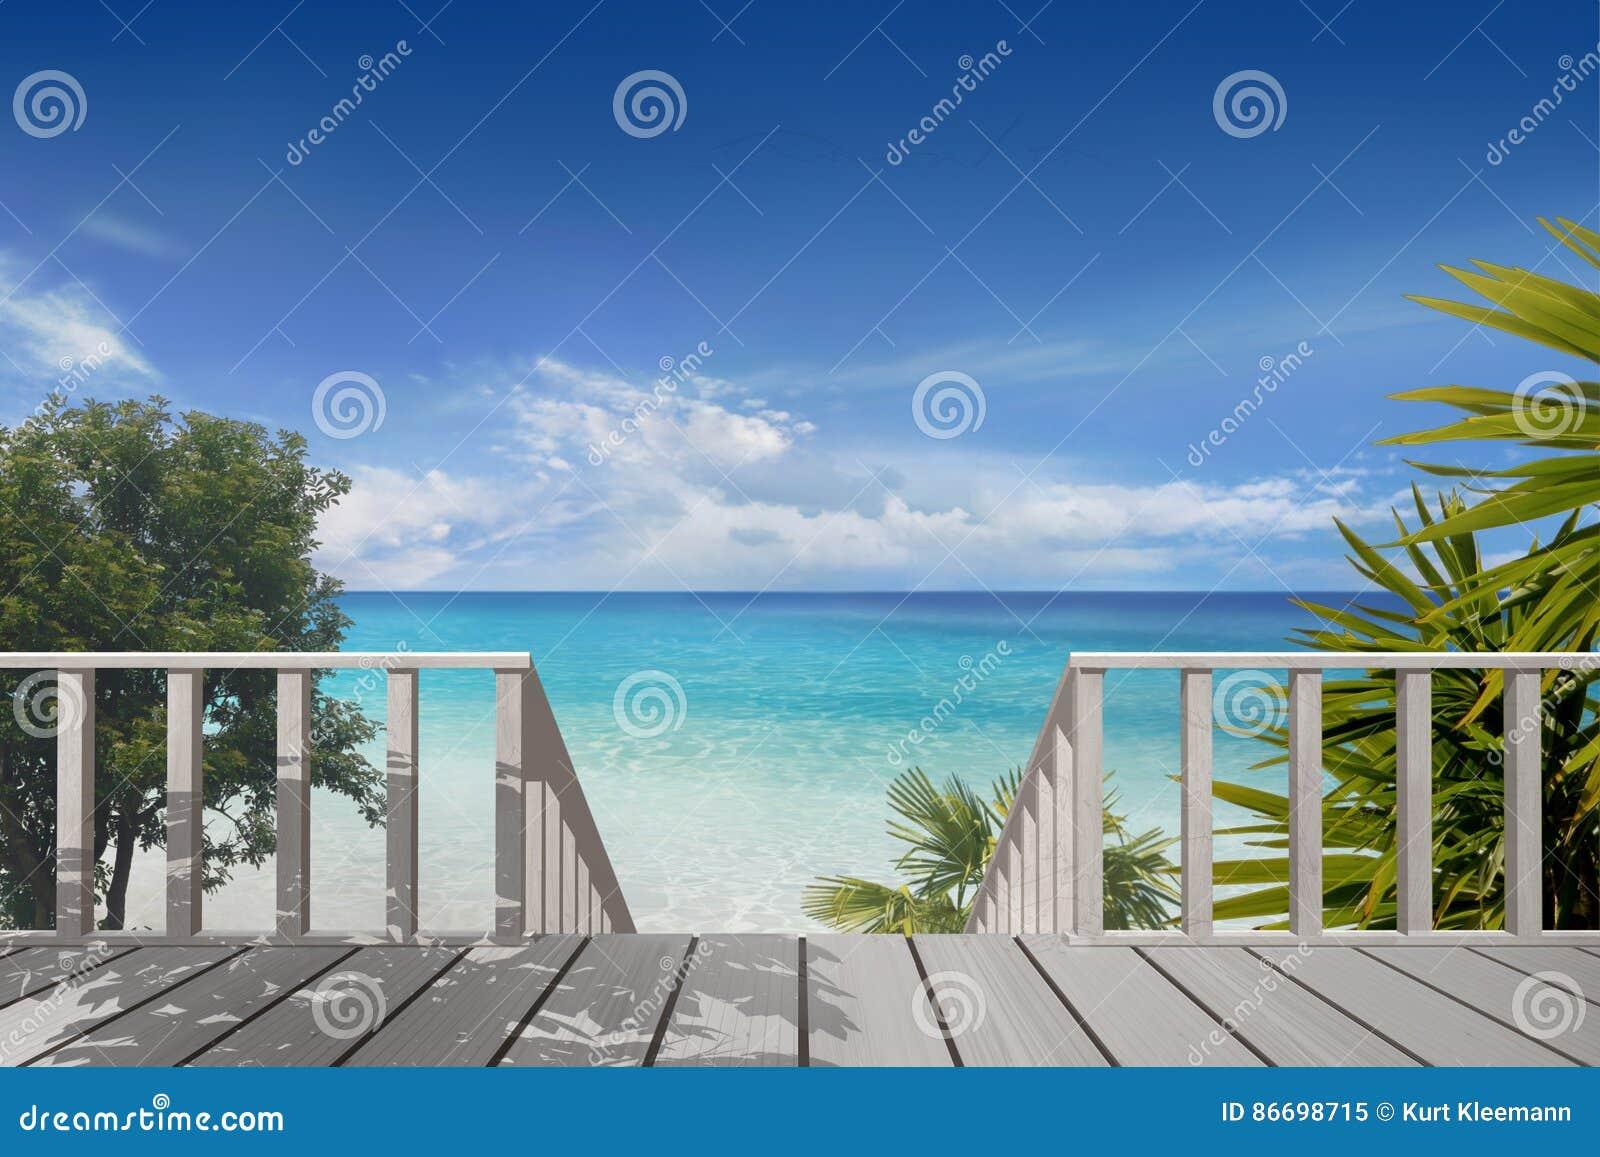 Balcon sur une plage